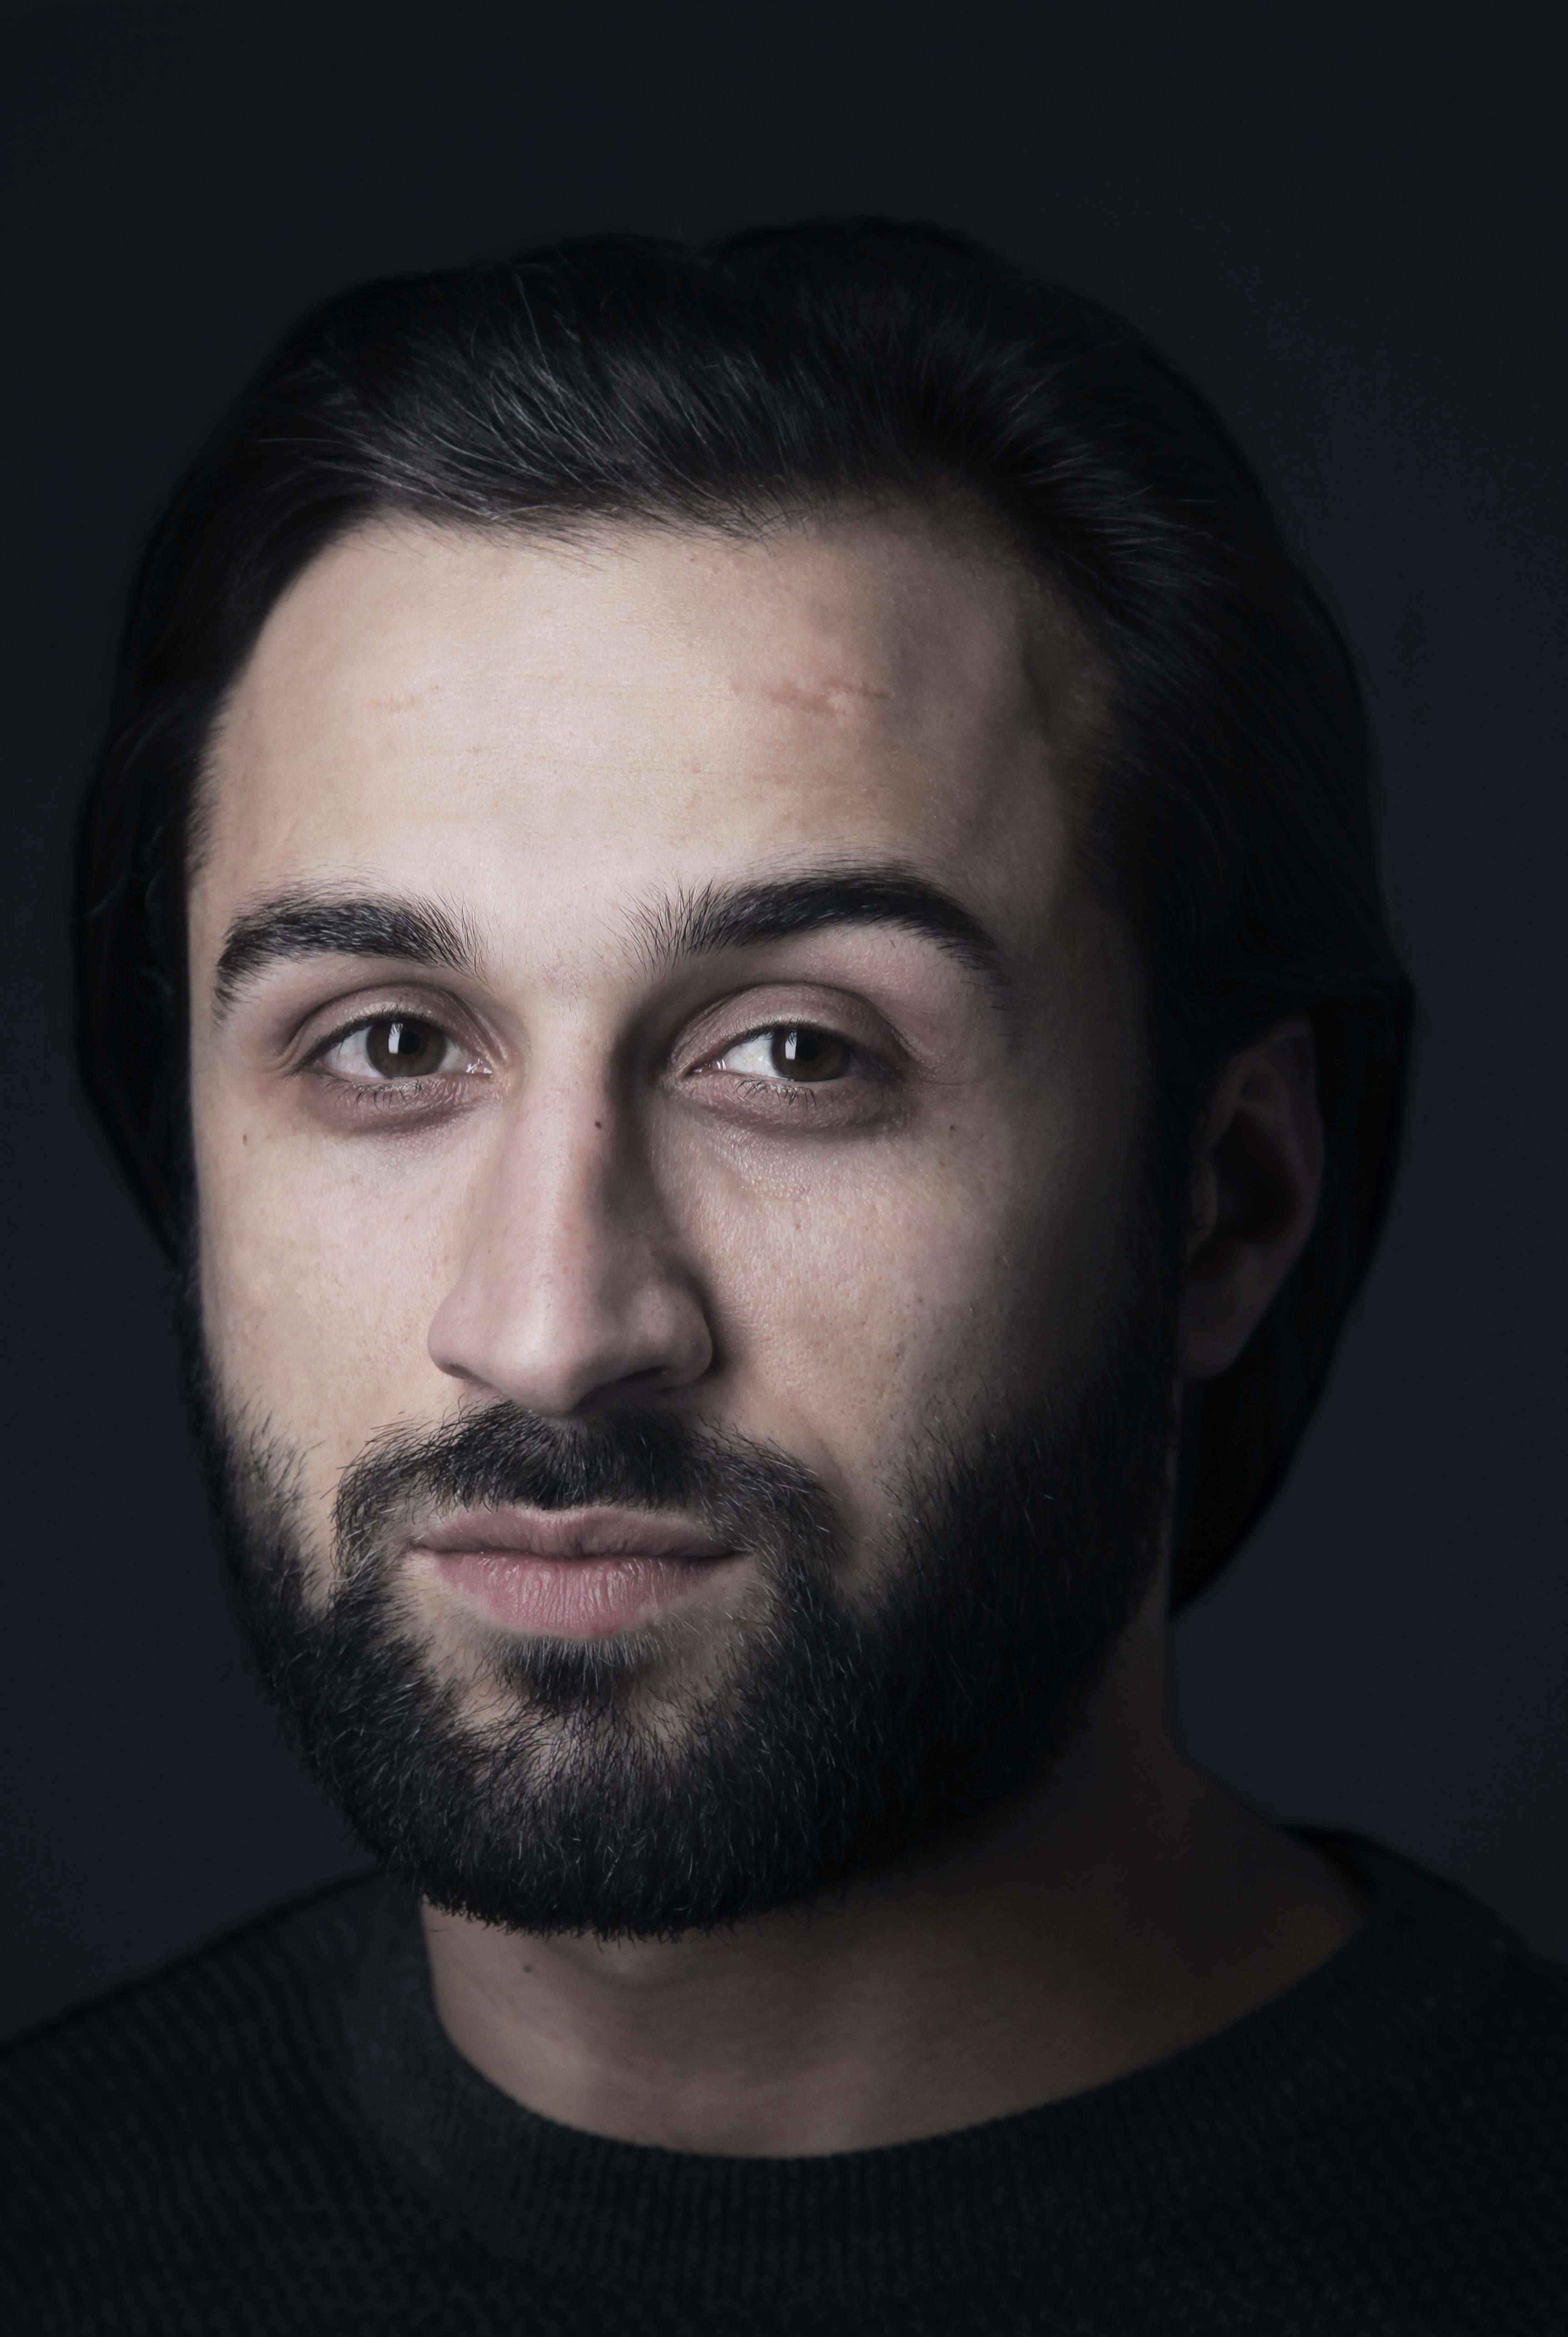 Саид Лазба об «Оскаре»: Рассмешить зрителя сложнее, чем заставить плакать